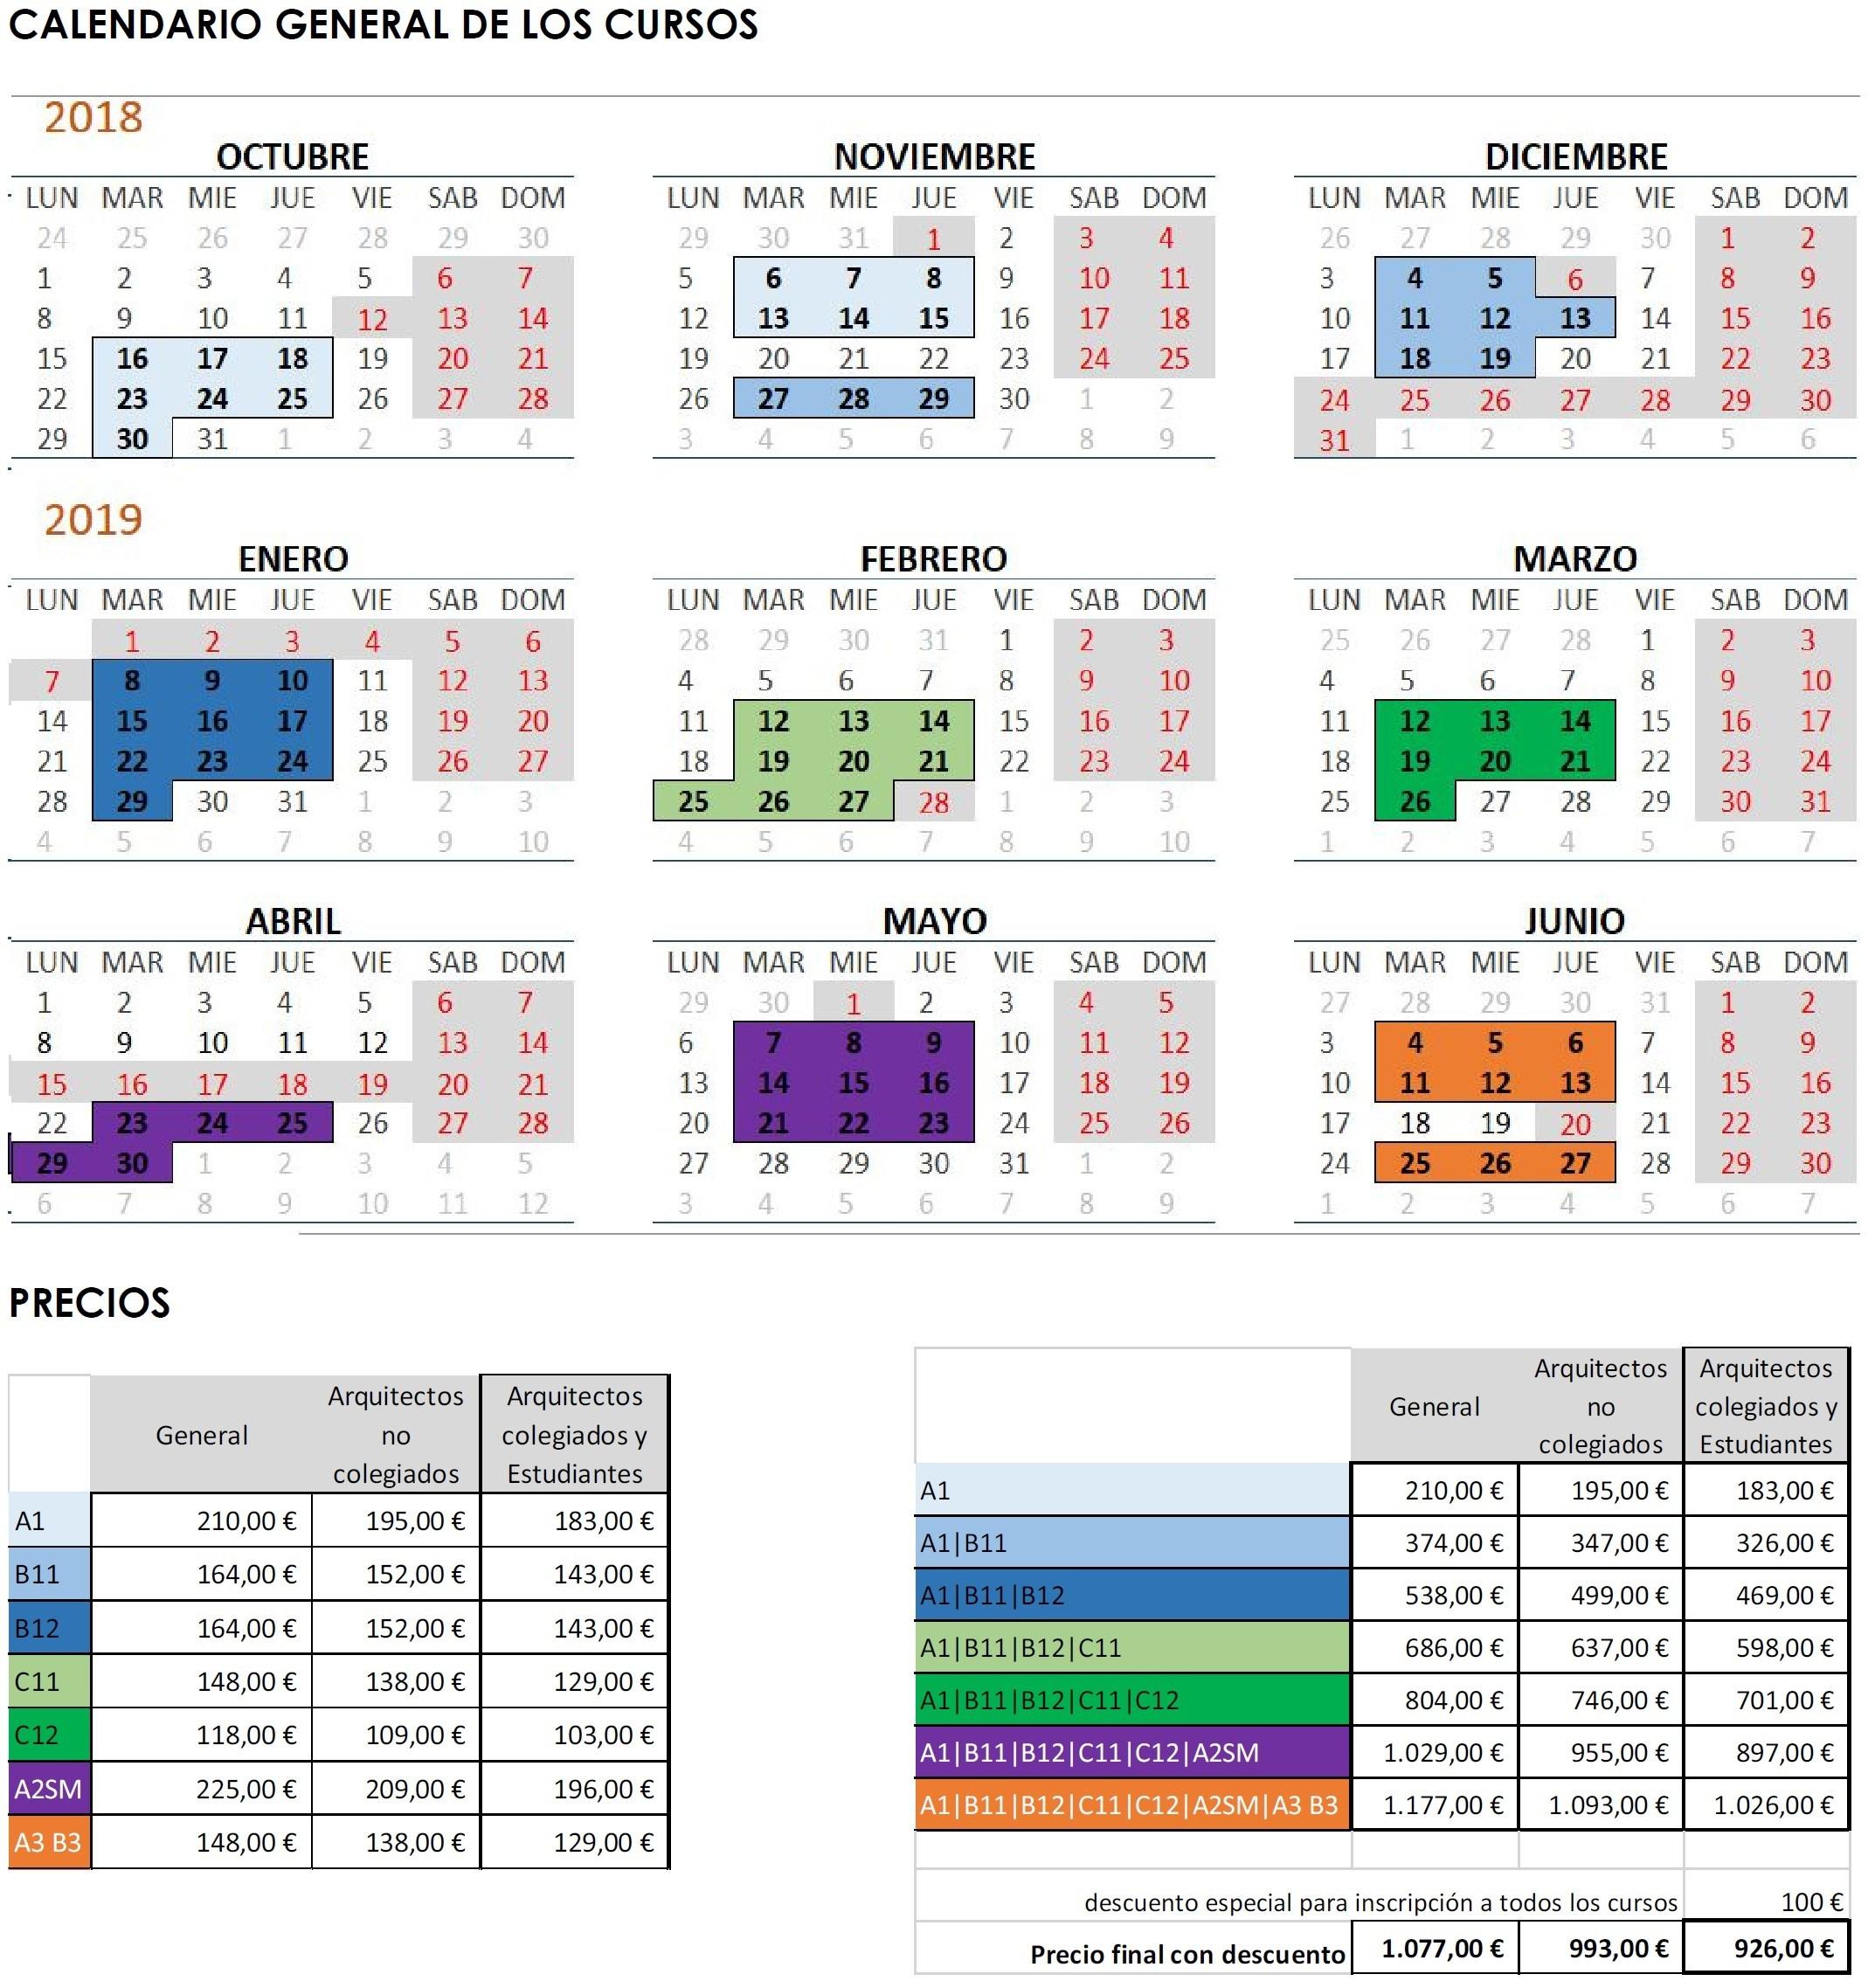 Los cursos serán impartidos en nuestro Colegio en su totalidad en horario de tarde segºn el calendario adjunto 2 m³dulos para este ºltimo trimestre de